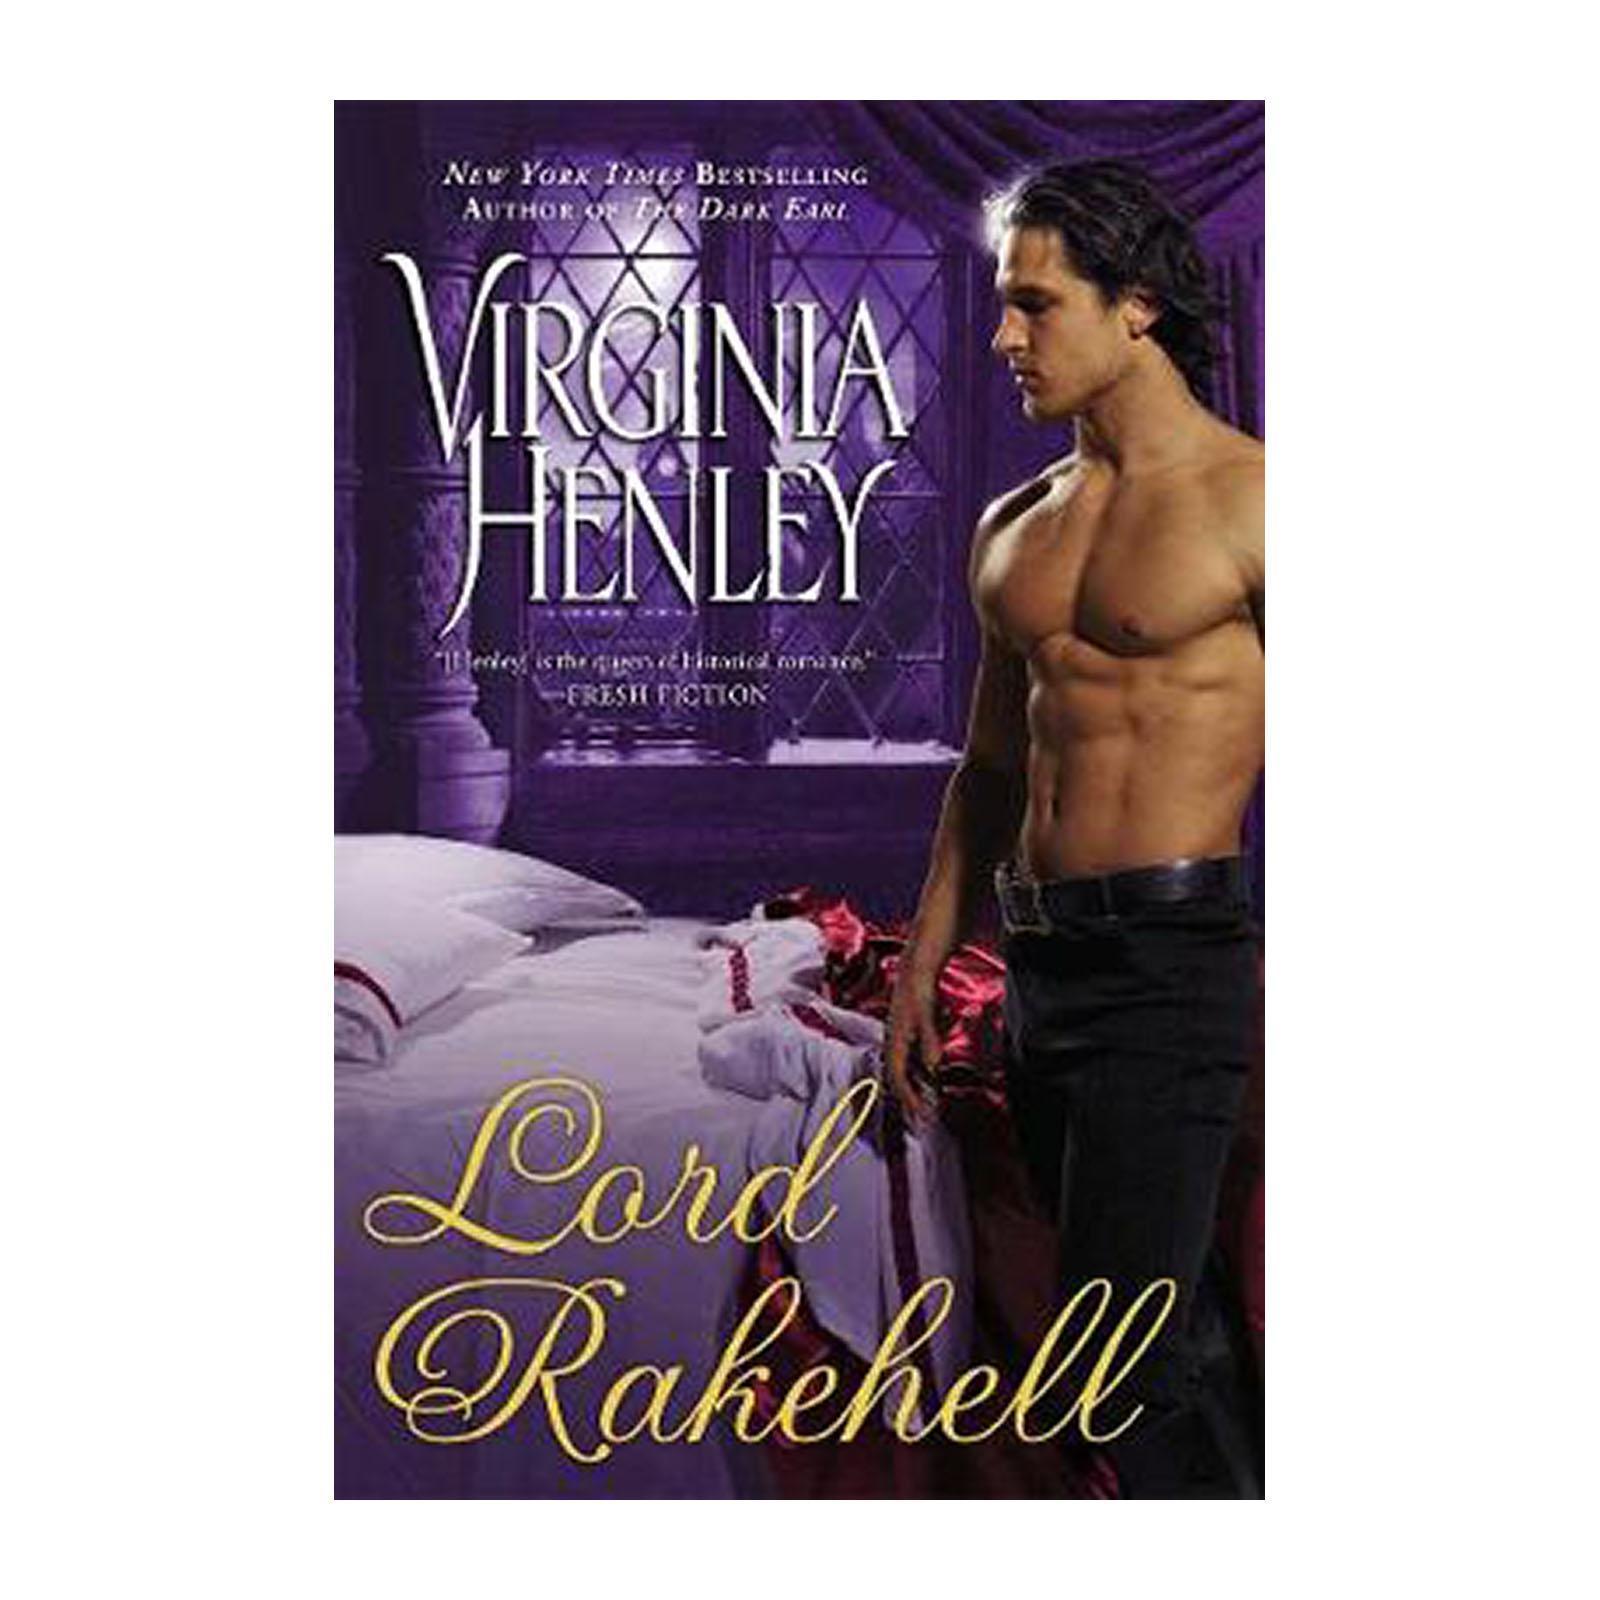 Lord Rakehell (Paperback)